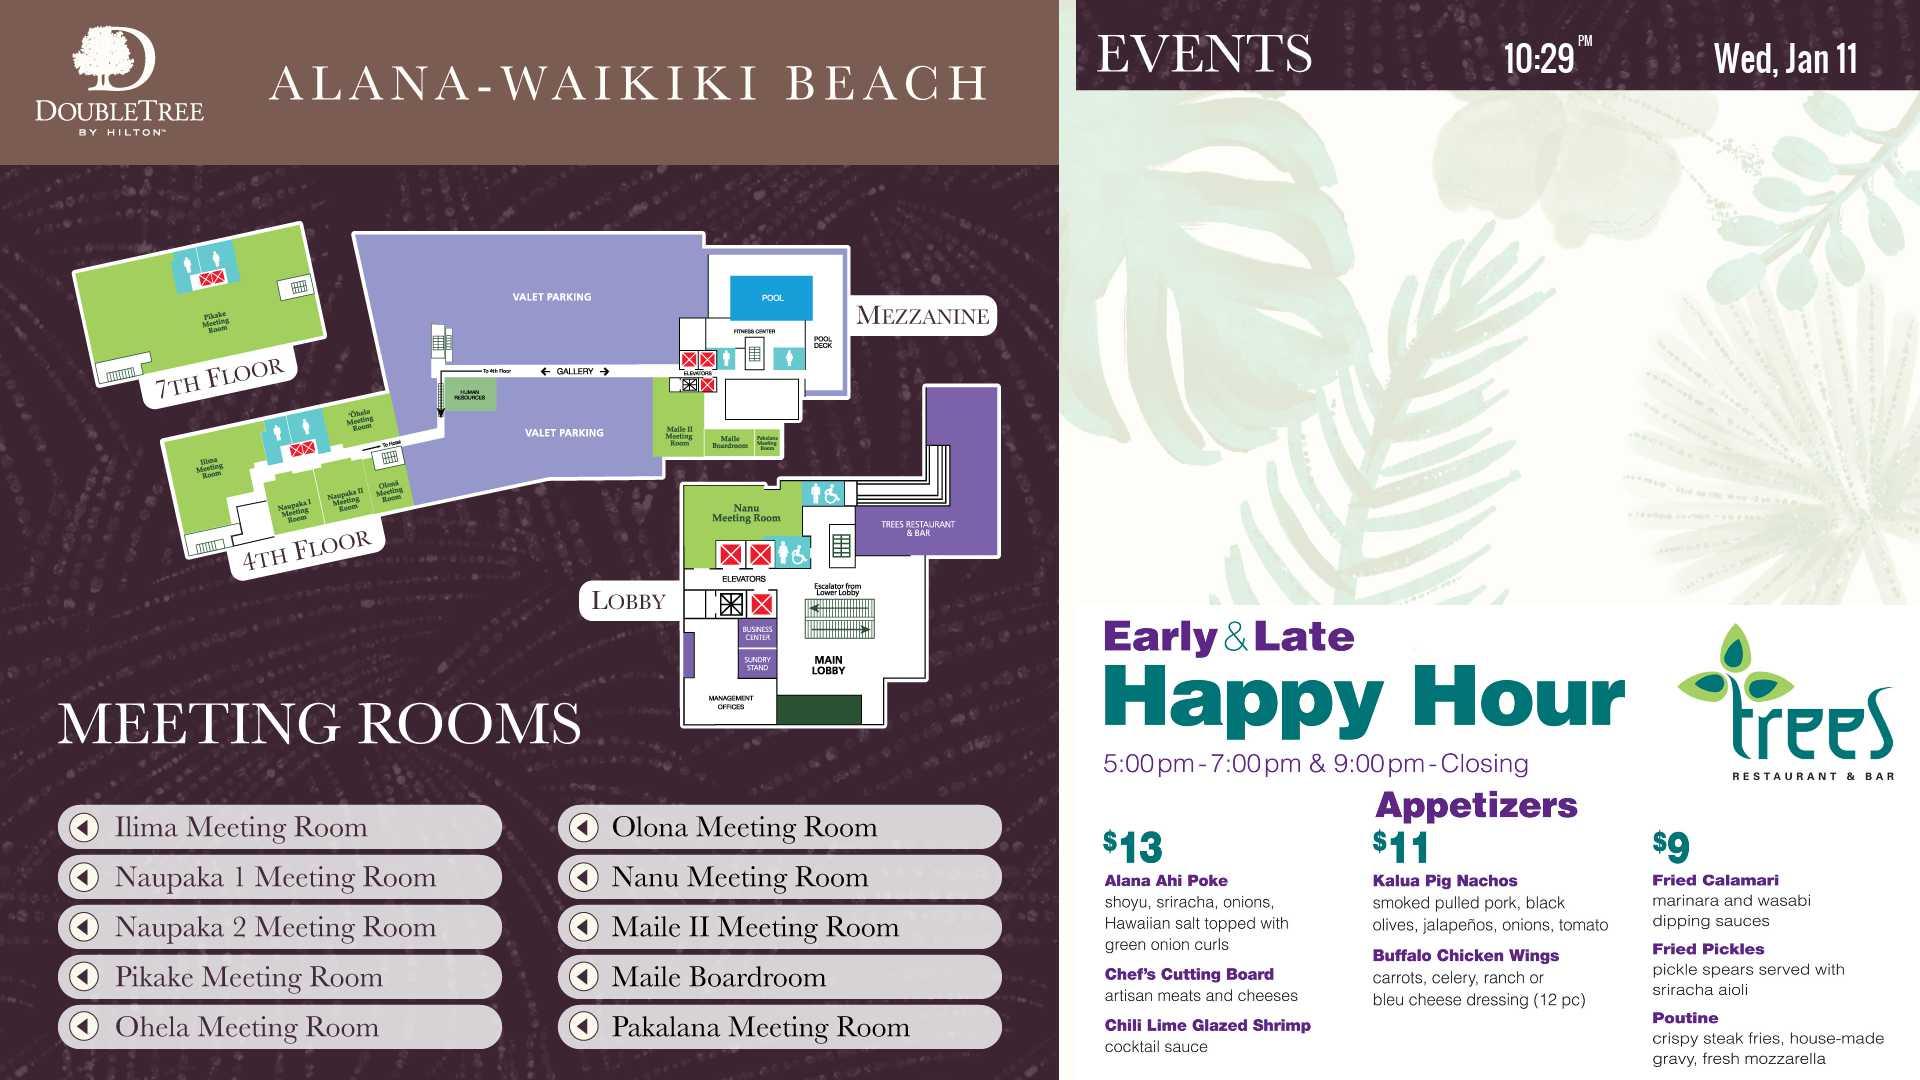 Hilton Alana Waikiki Beach